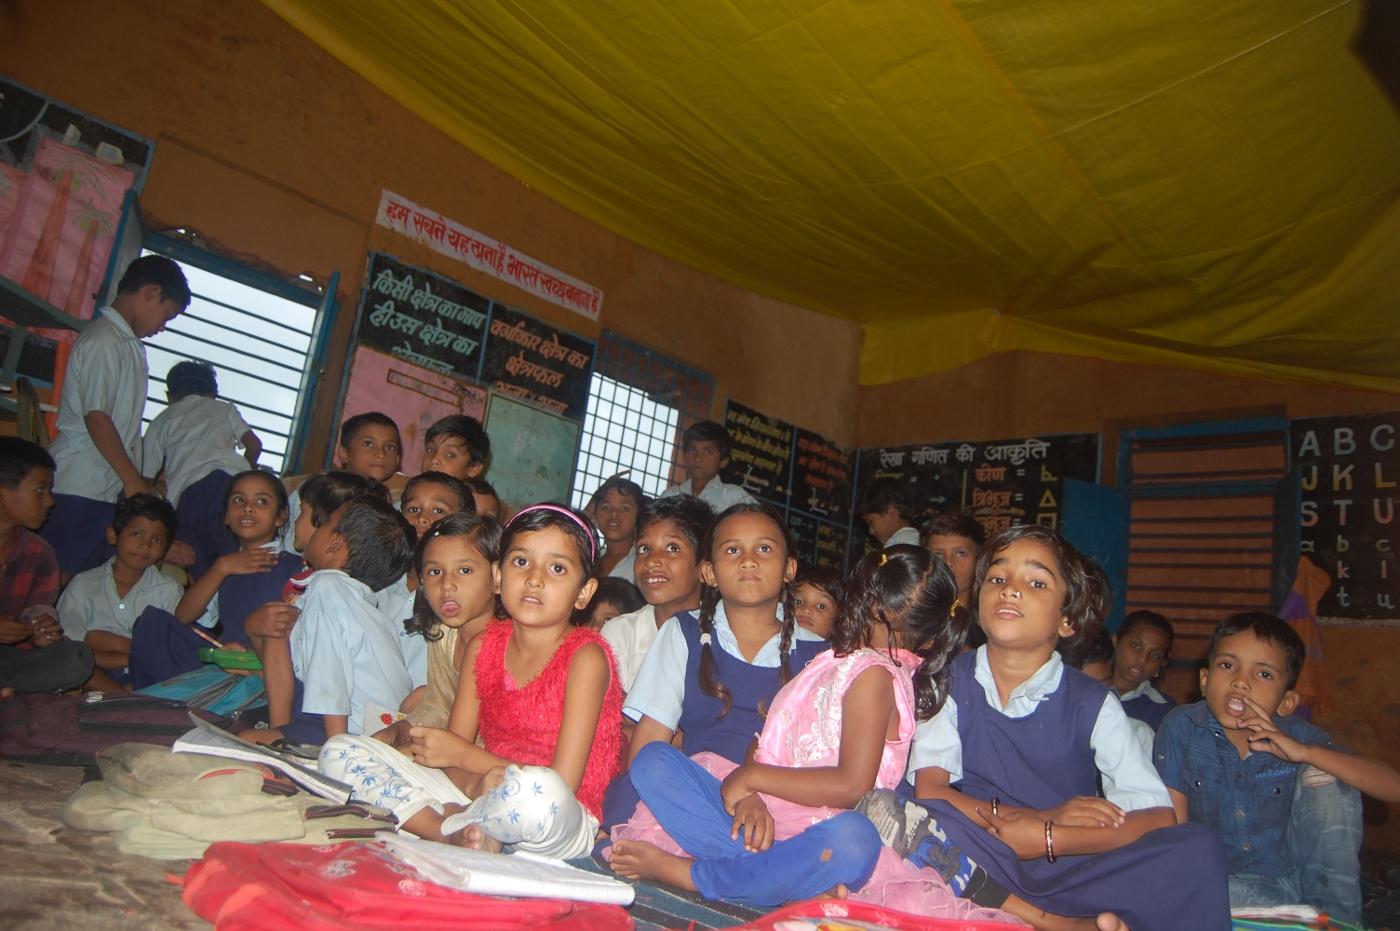 कमरों में पन्नियां लगाकर बच्चों को पढ़ाने को मजबूर शिक्षक